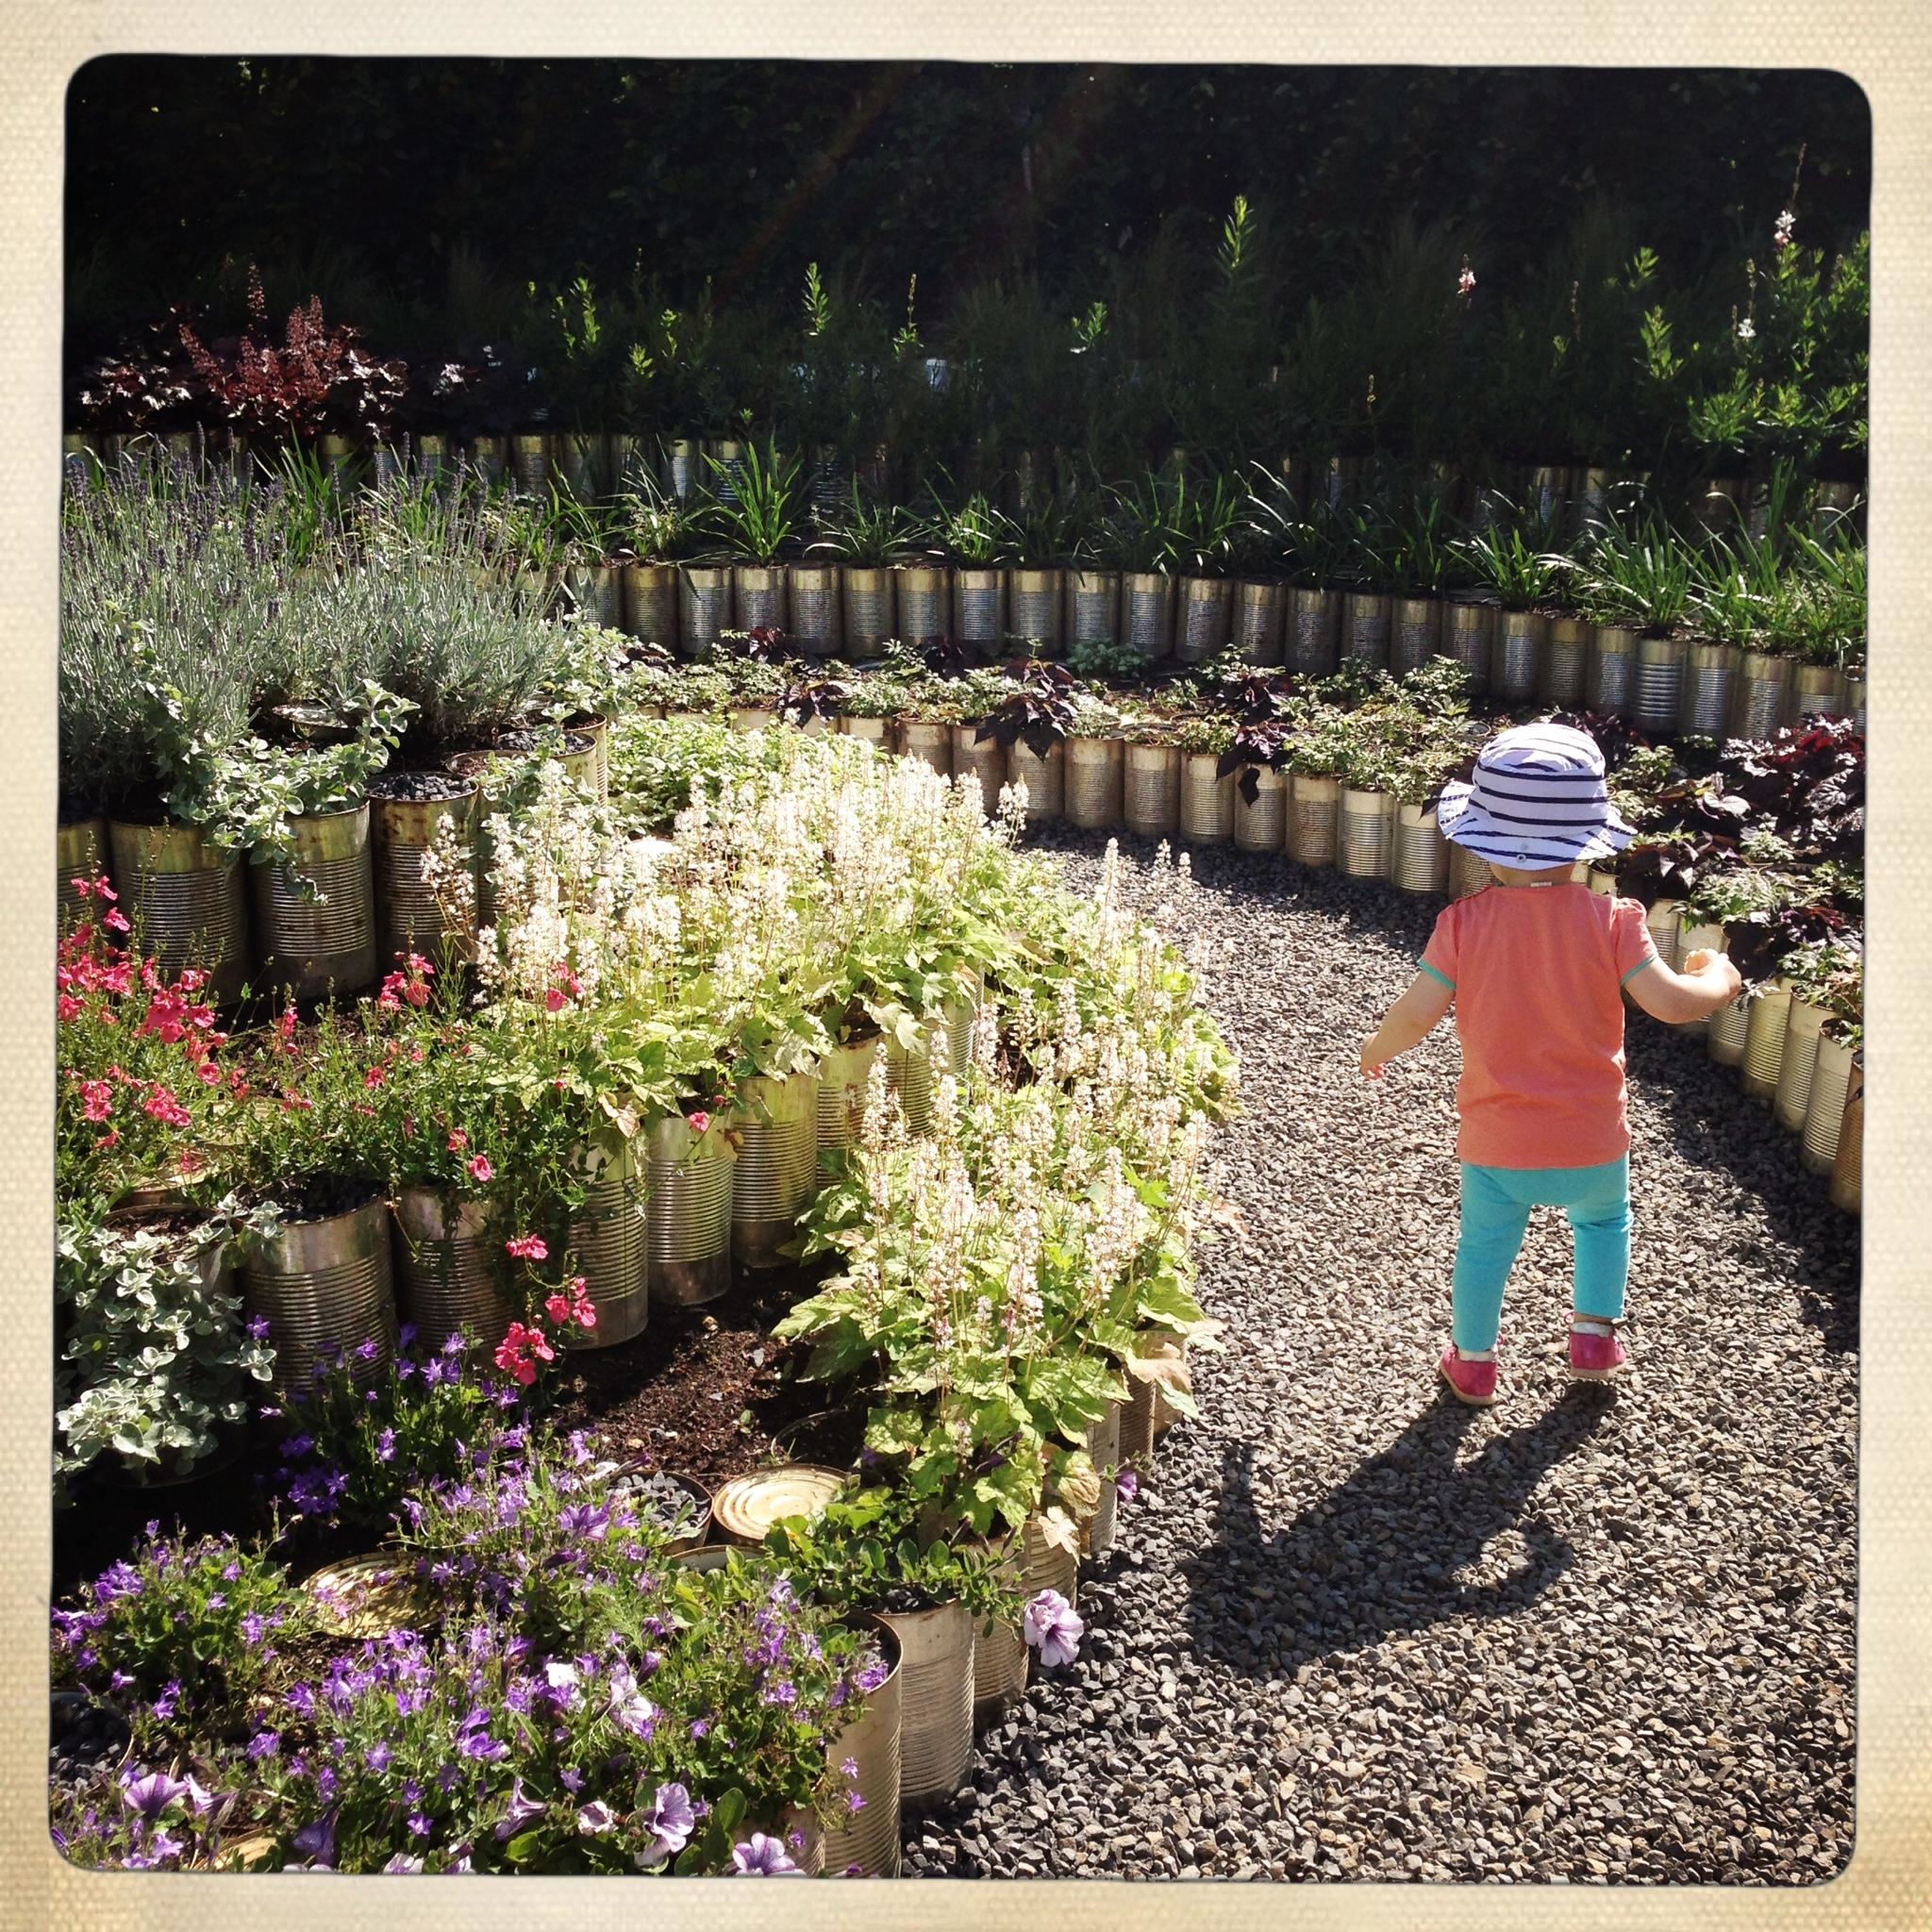 Le festival des jardins de chaumont sur loire 2014 en 15 - Chaumont sur loire festival des jardins ...